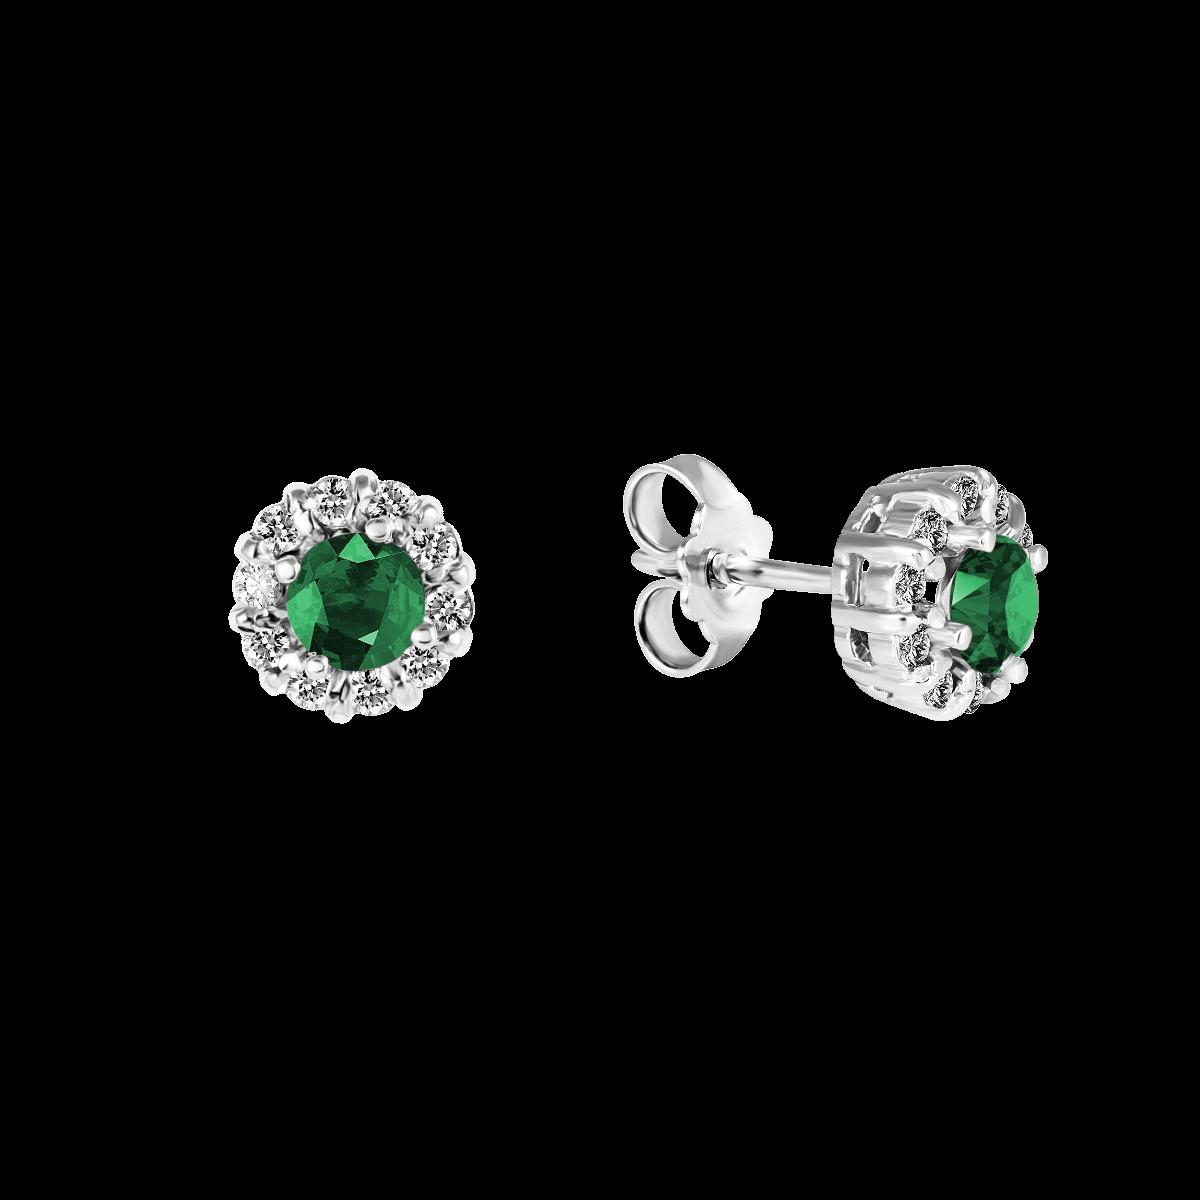 Brincos de esmeralda e diamantes ouro branco